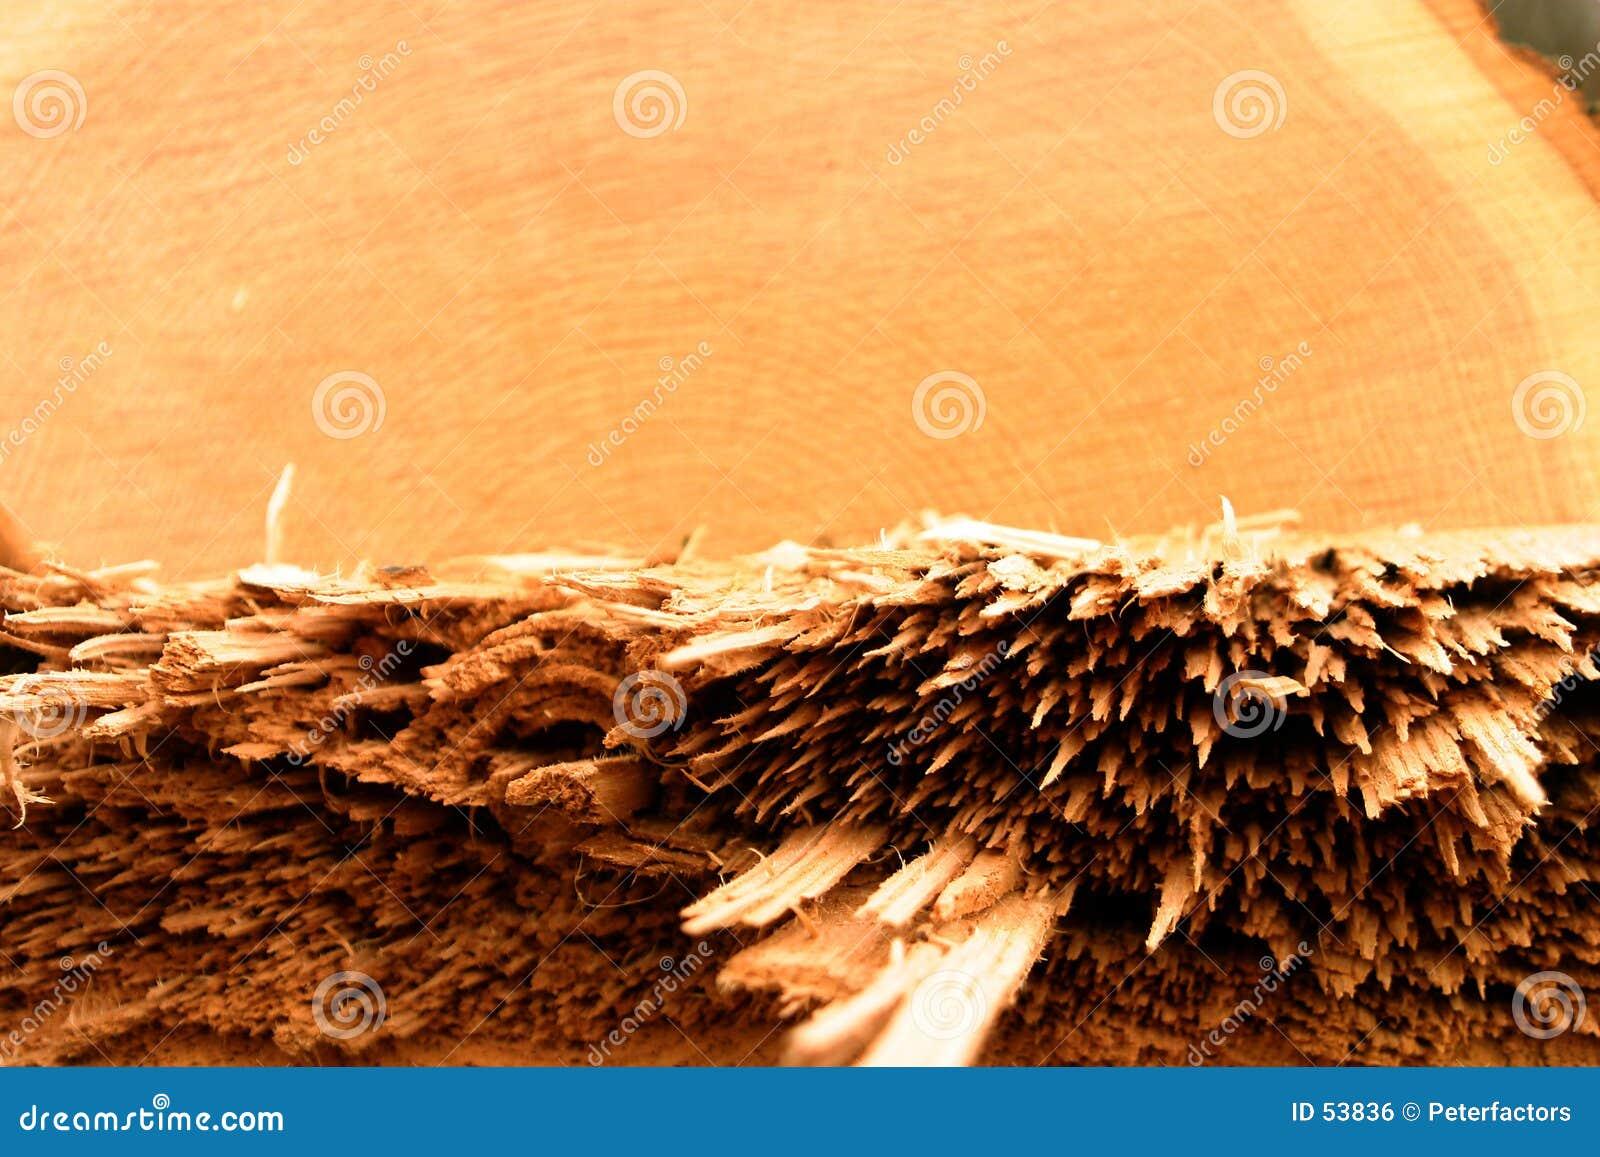 Detalhe de árvore de carvalho tragada